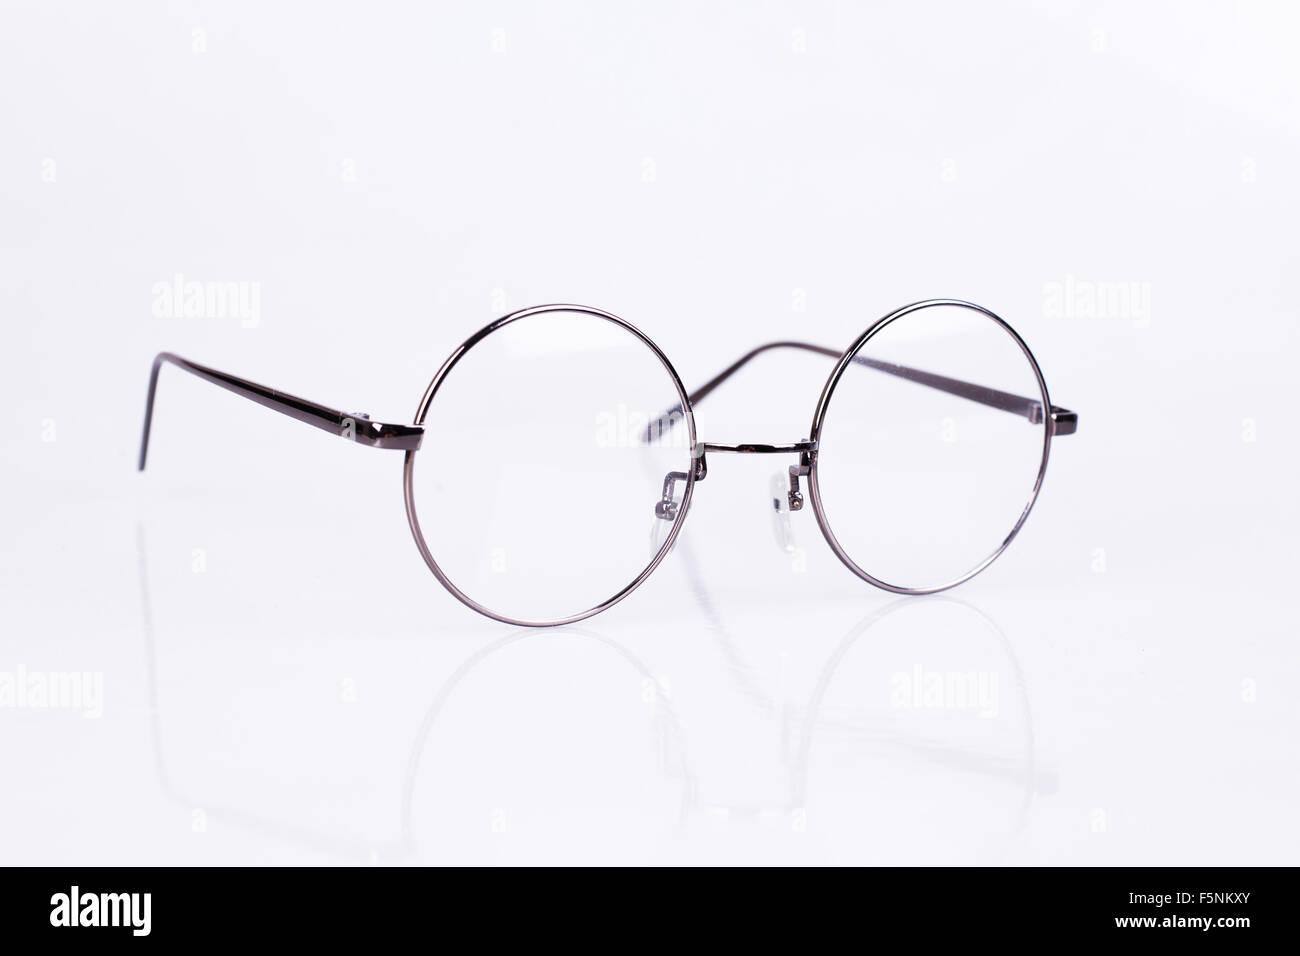 Gafas de círculo Foto & Imagen De Stock: 89601763 - Alamy